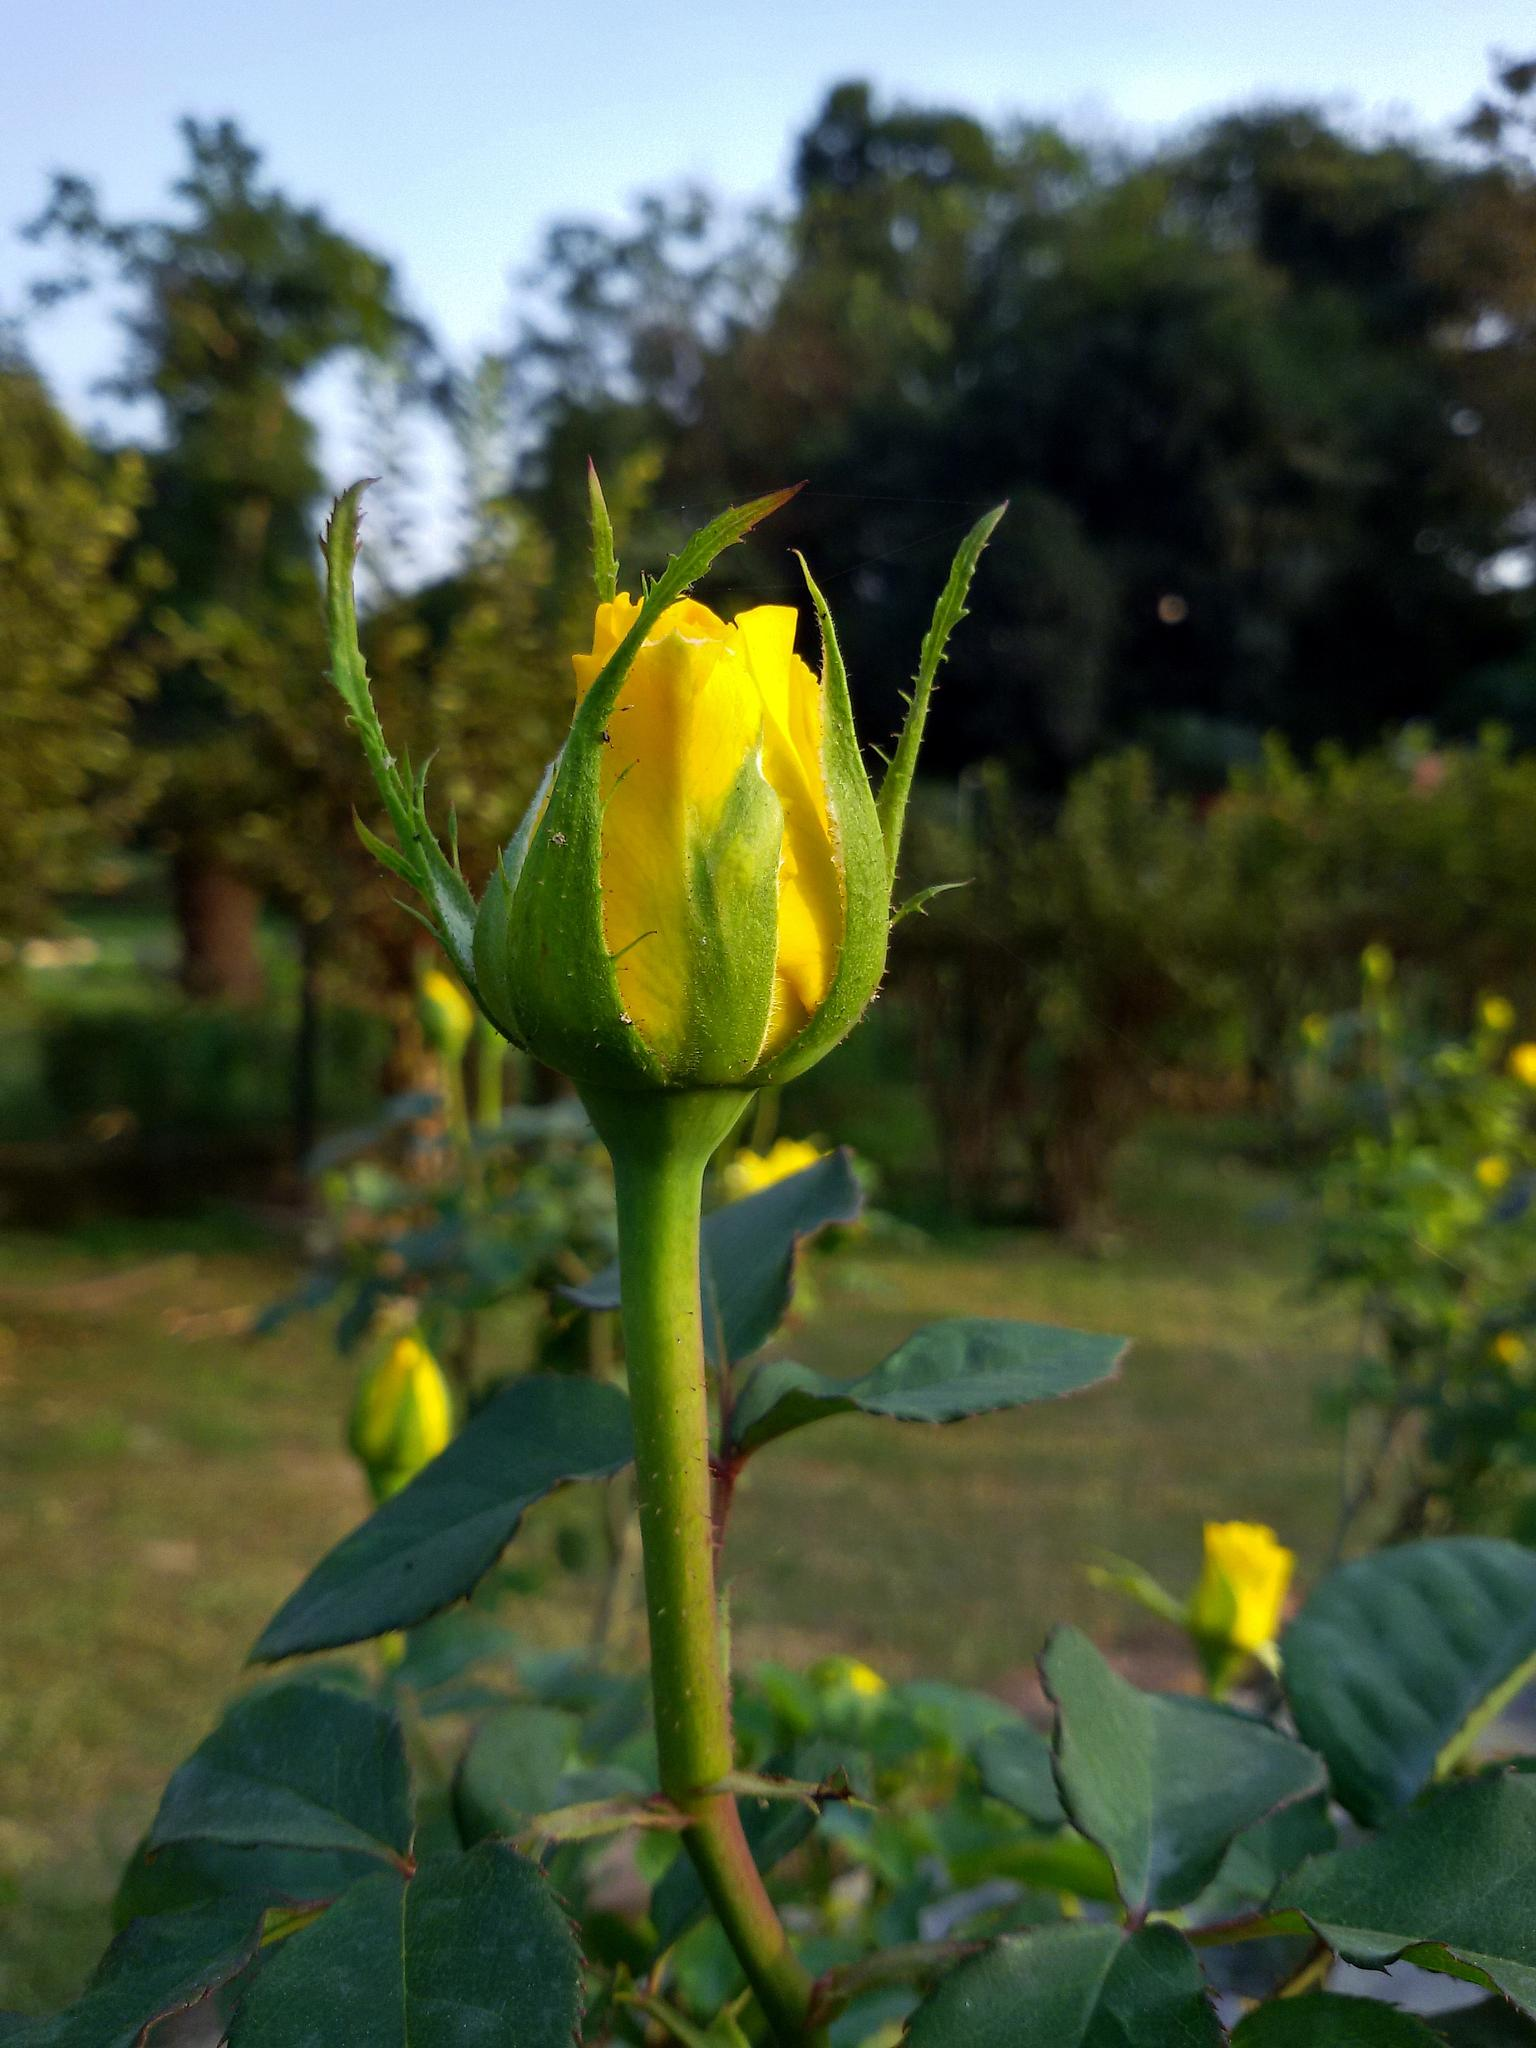 Bud by Manab Das